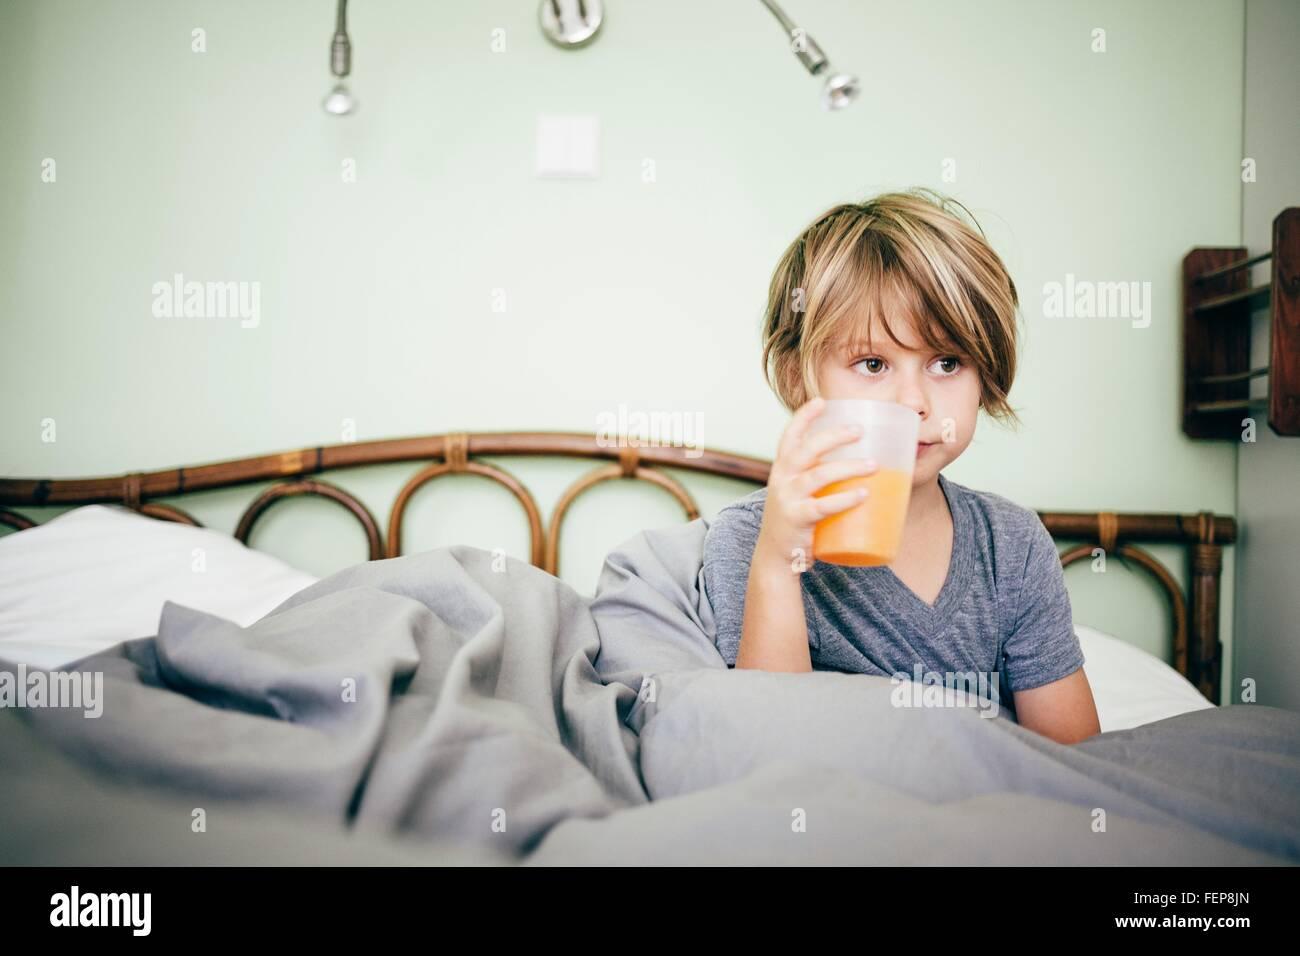 Muchacho sentado en la cama beber vaso de jugo de naranja, apartar la mirada, Bludenz, Vorarlberg, Austria Imagen De Stock